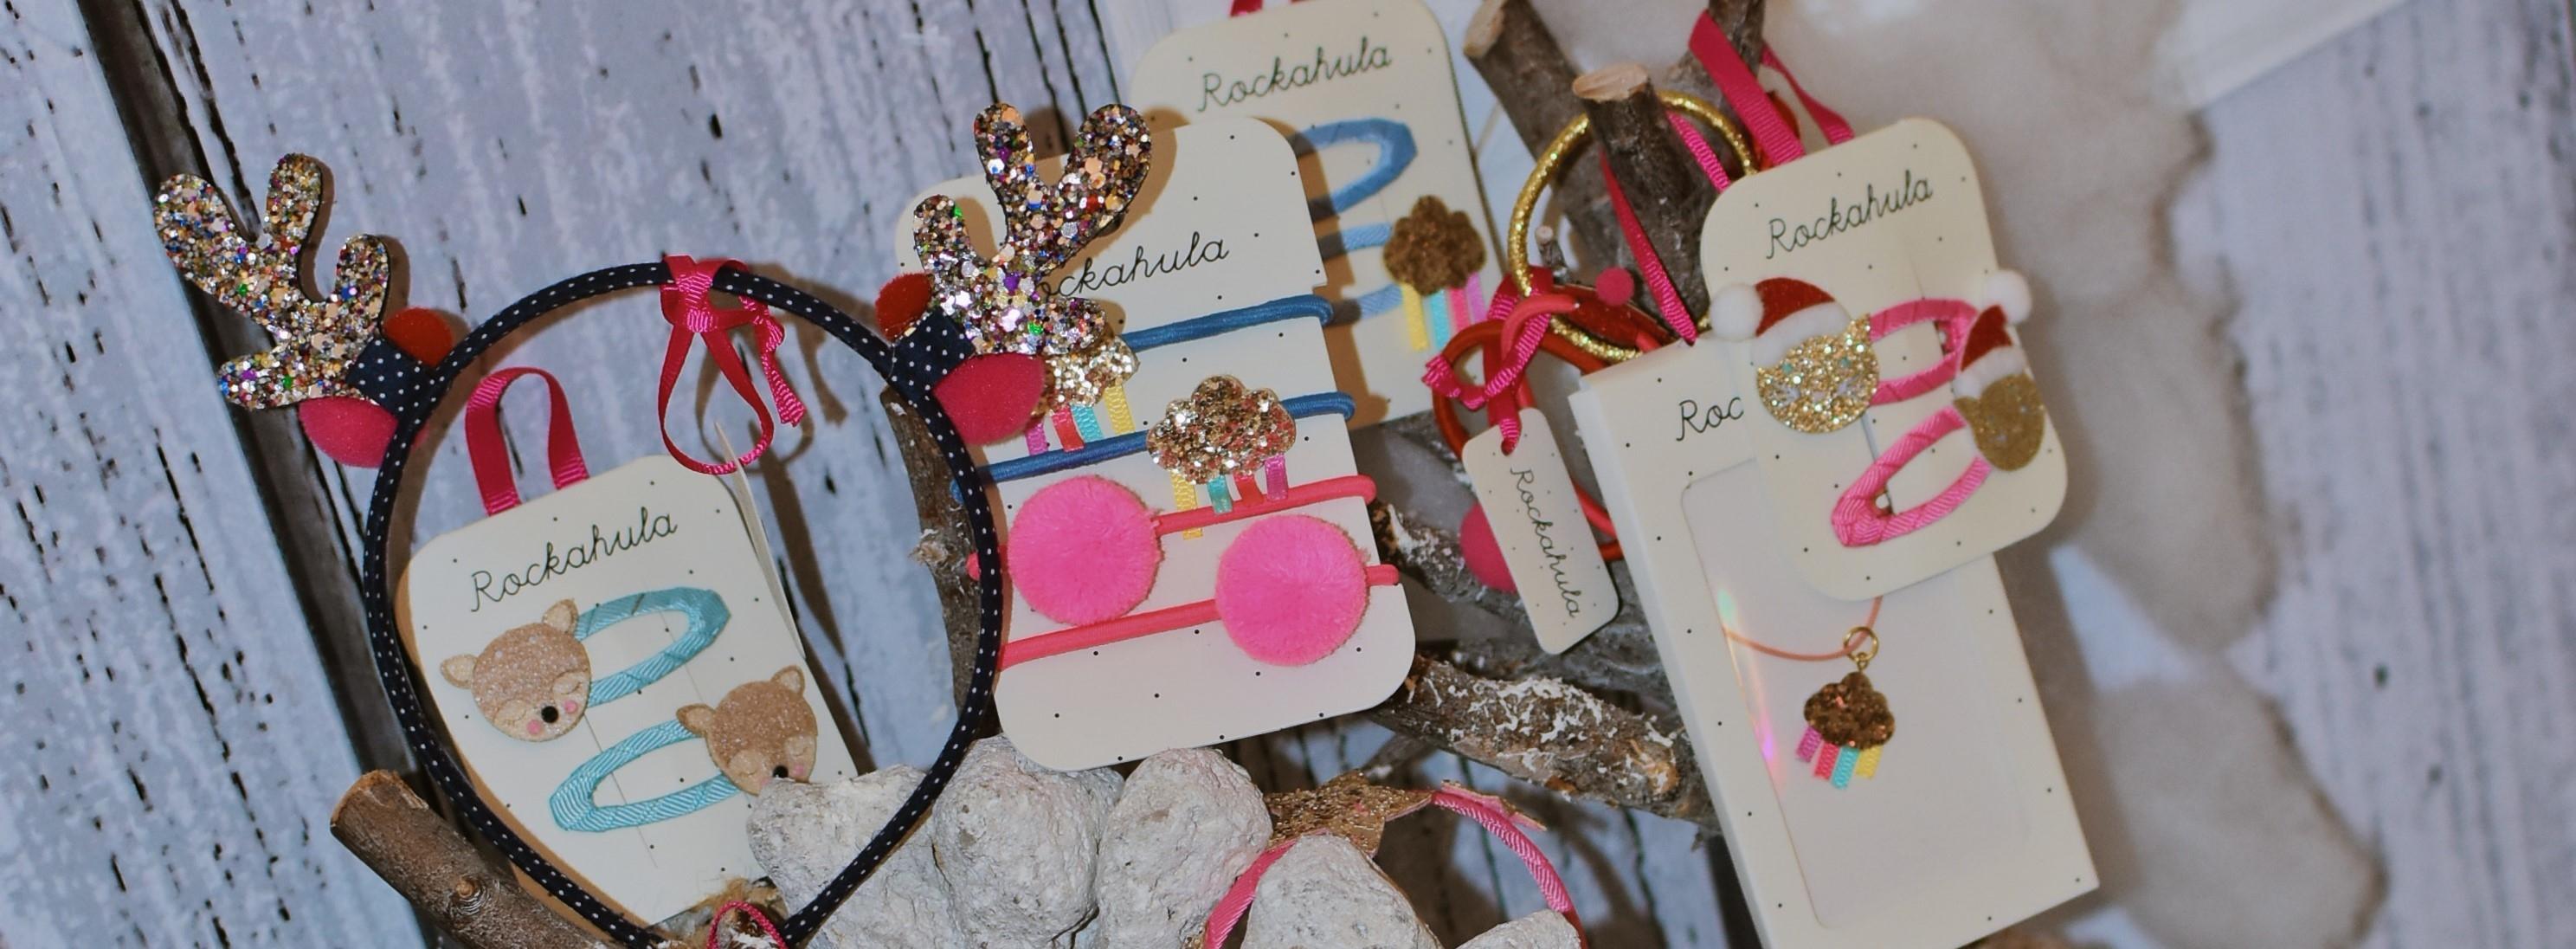 女孩們最愛禮盒, xmas giftbox, xmas bundle, rockahula